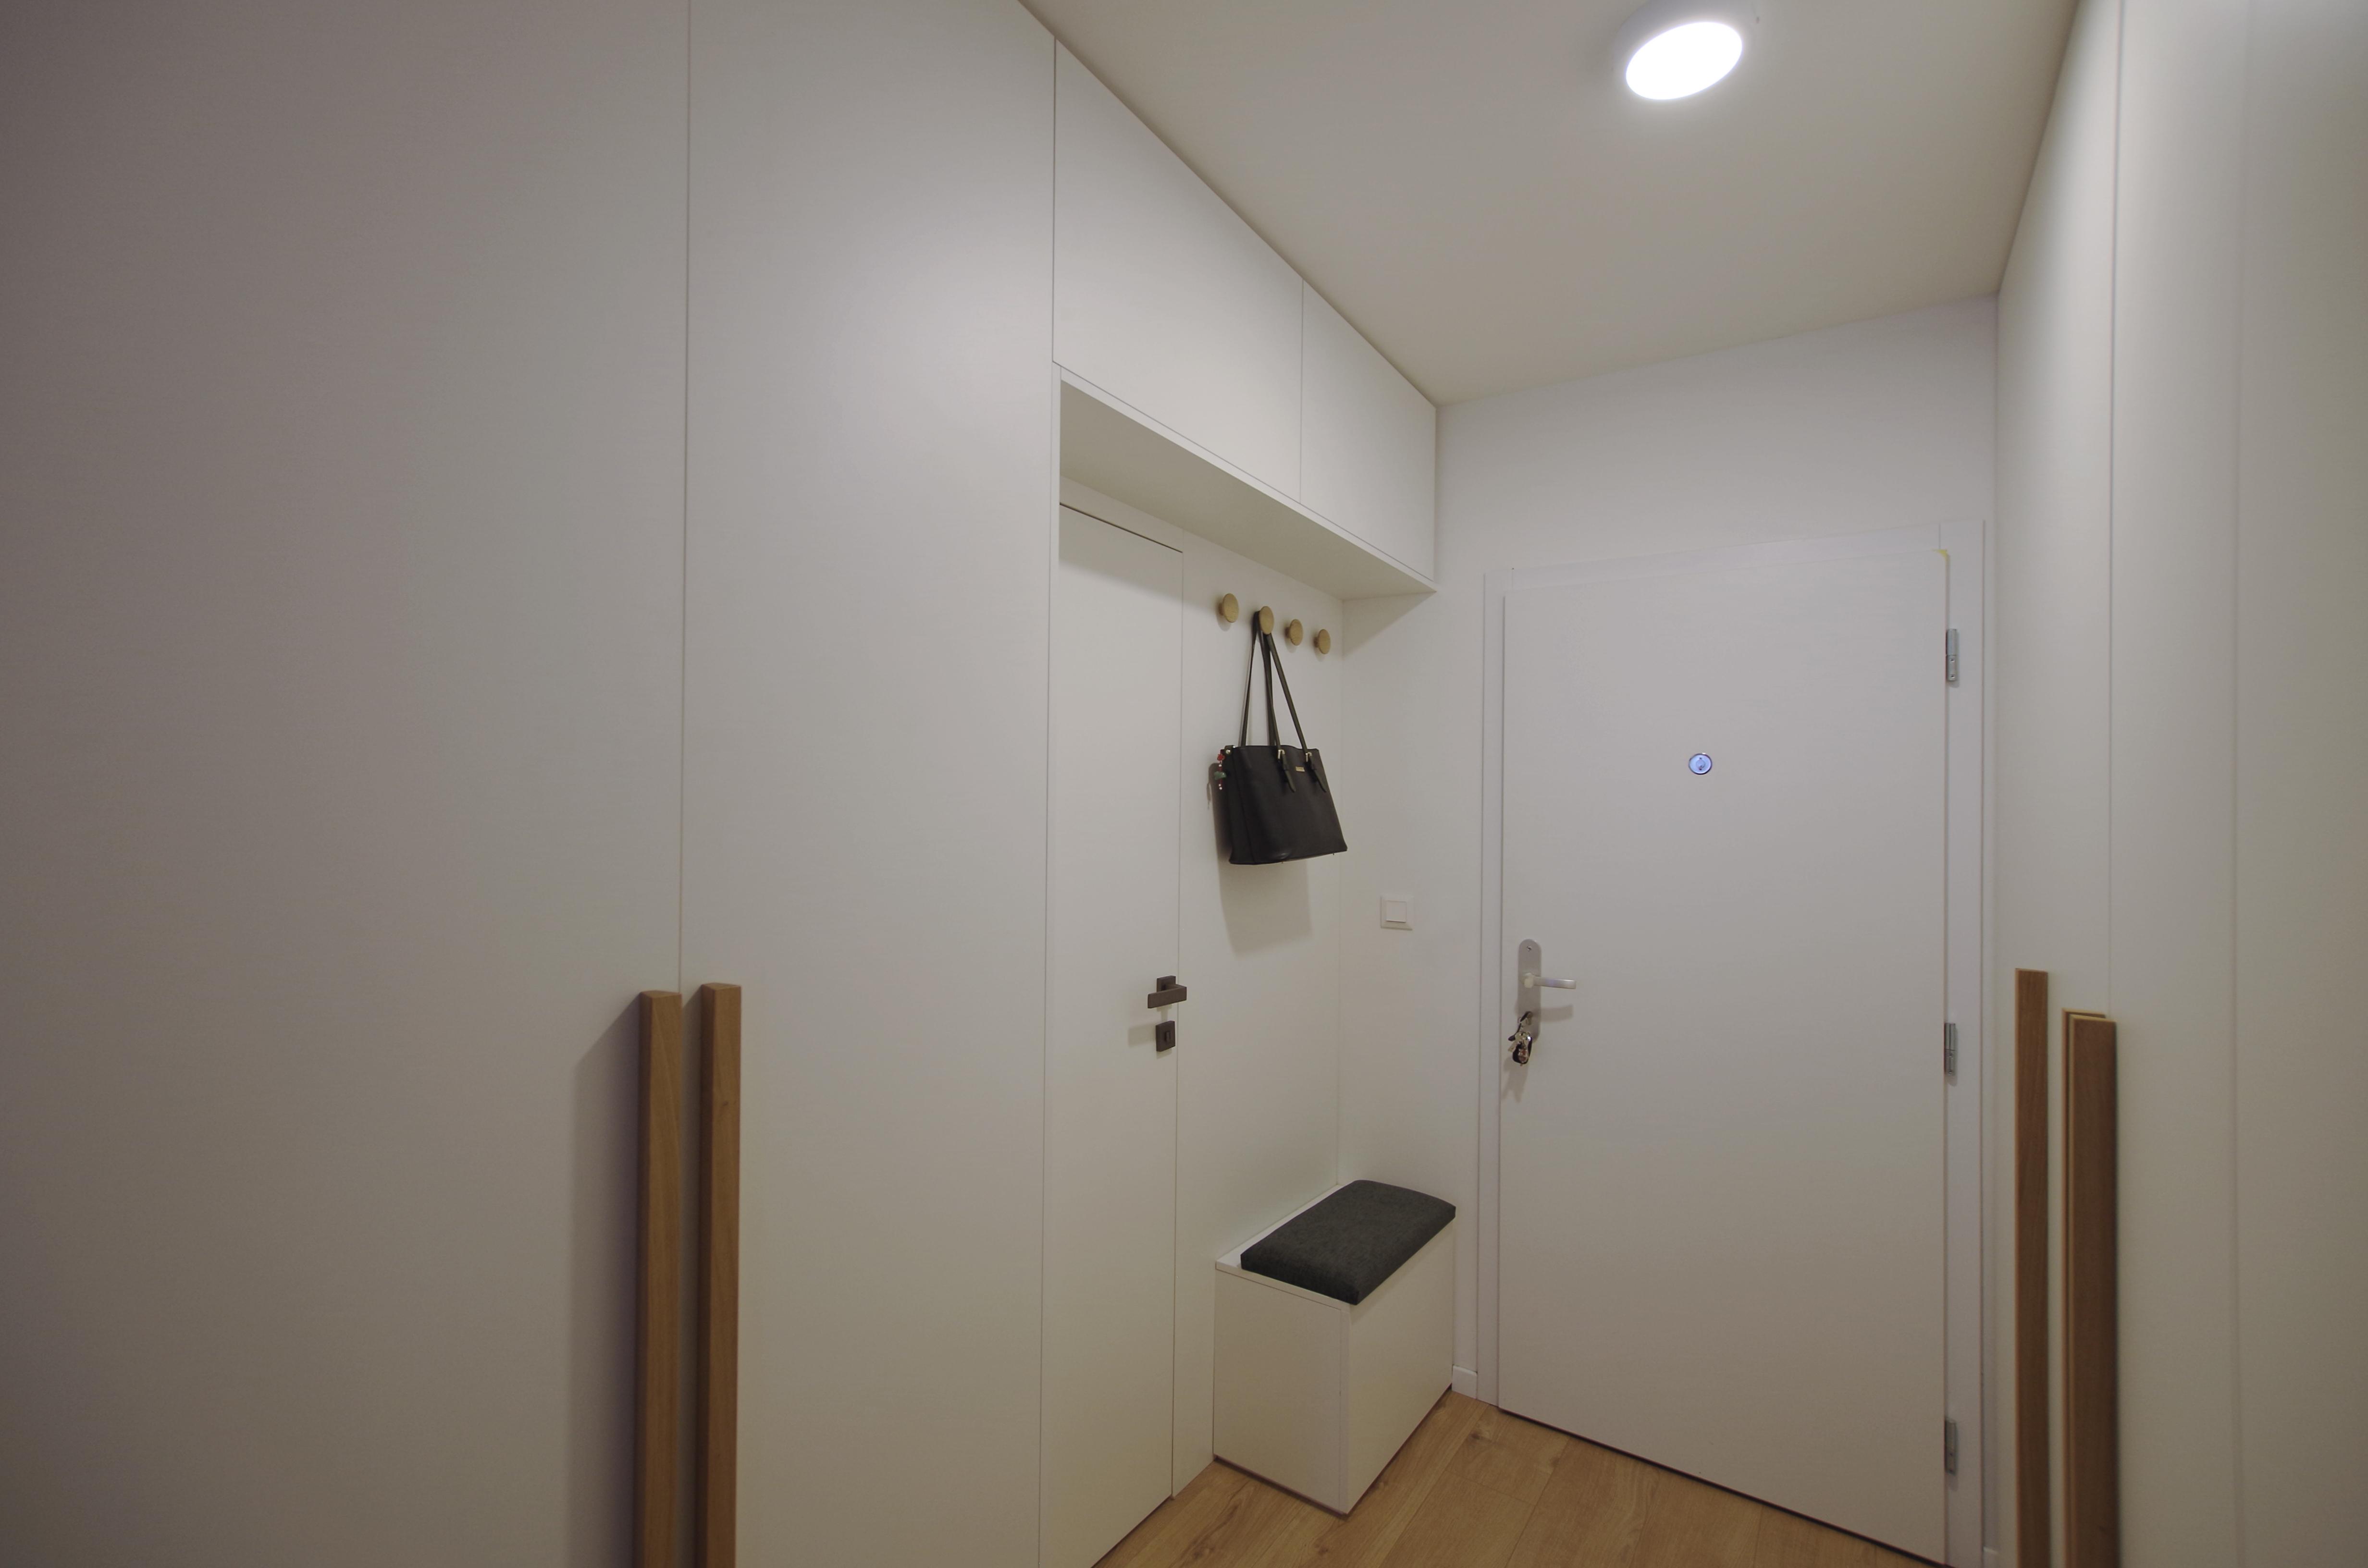 prerabka bytu inspiracie chodba projekt, vizualizácia zariadenie malého bytu